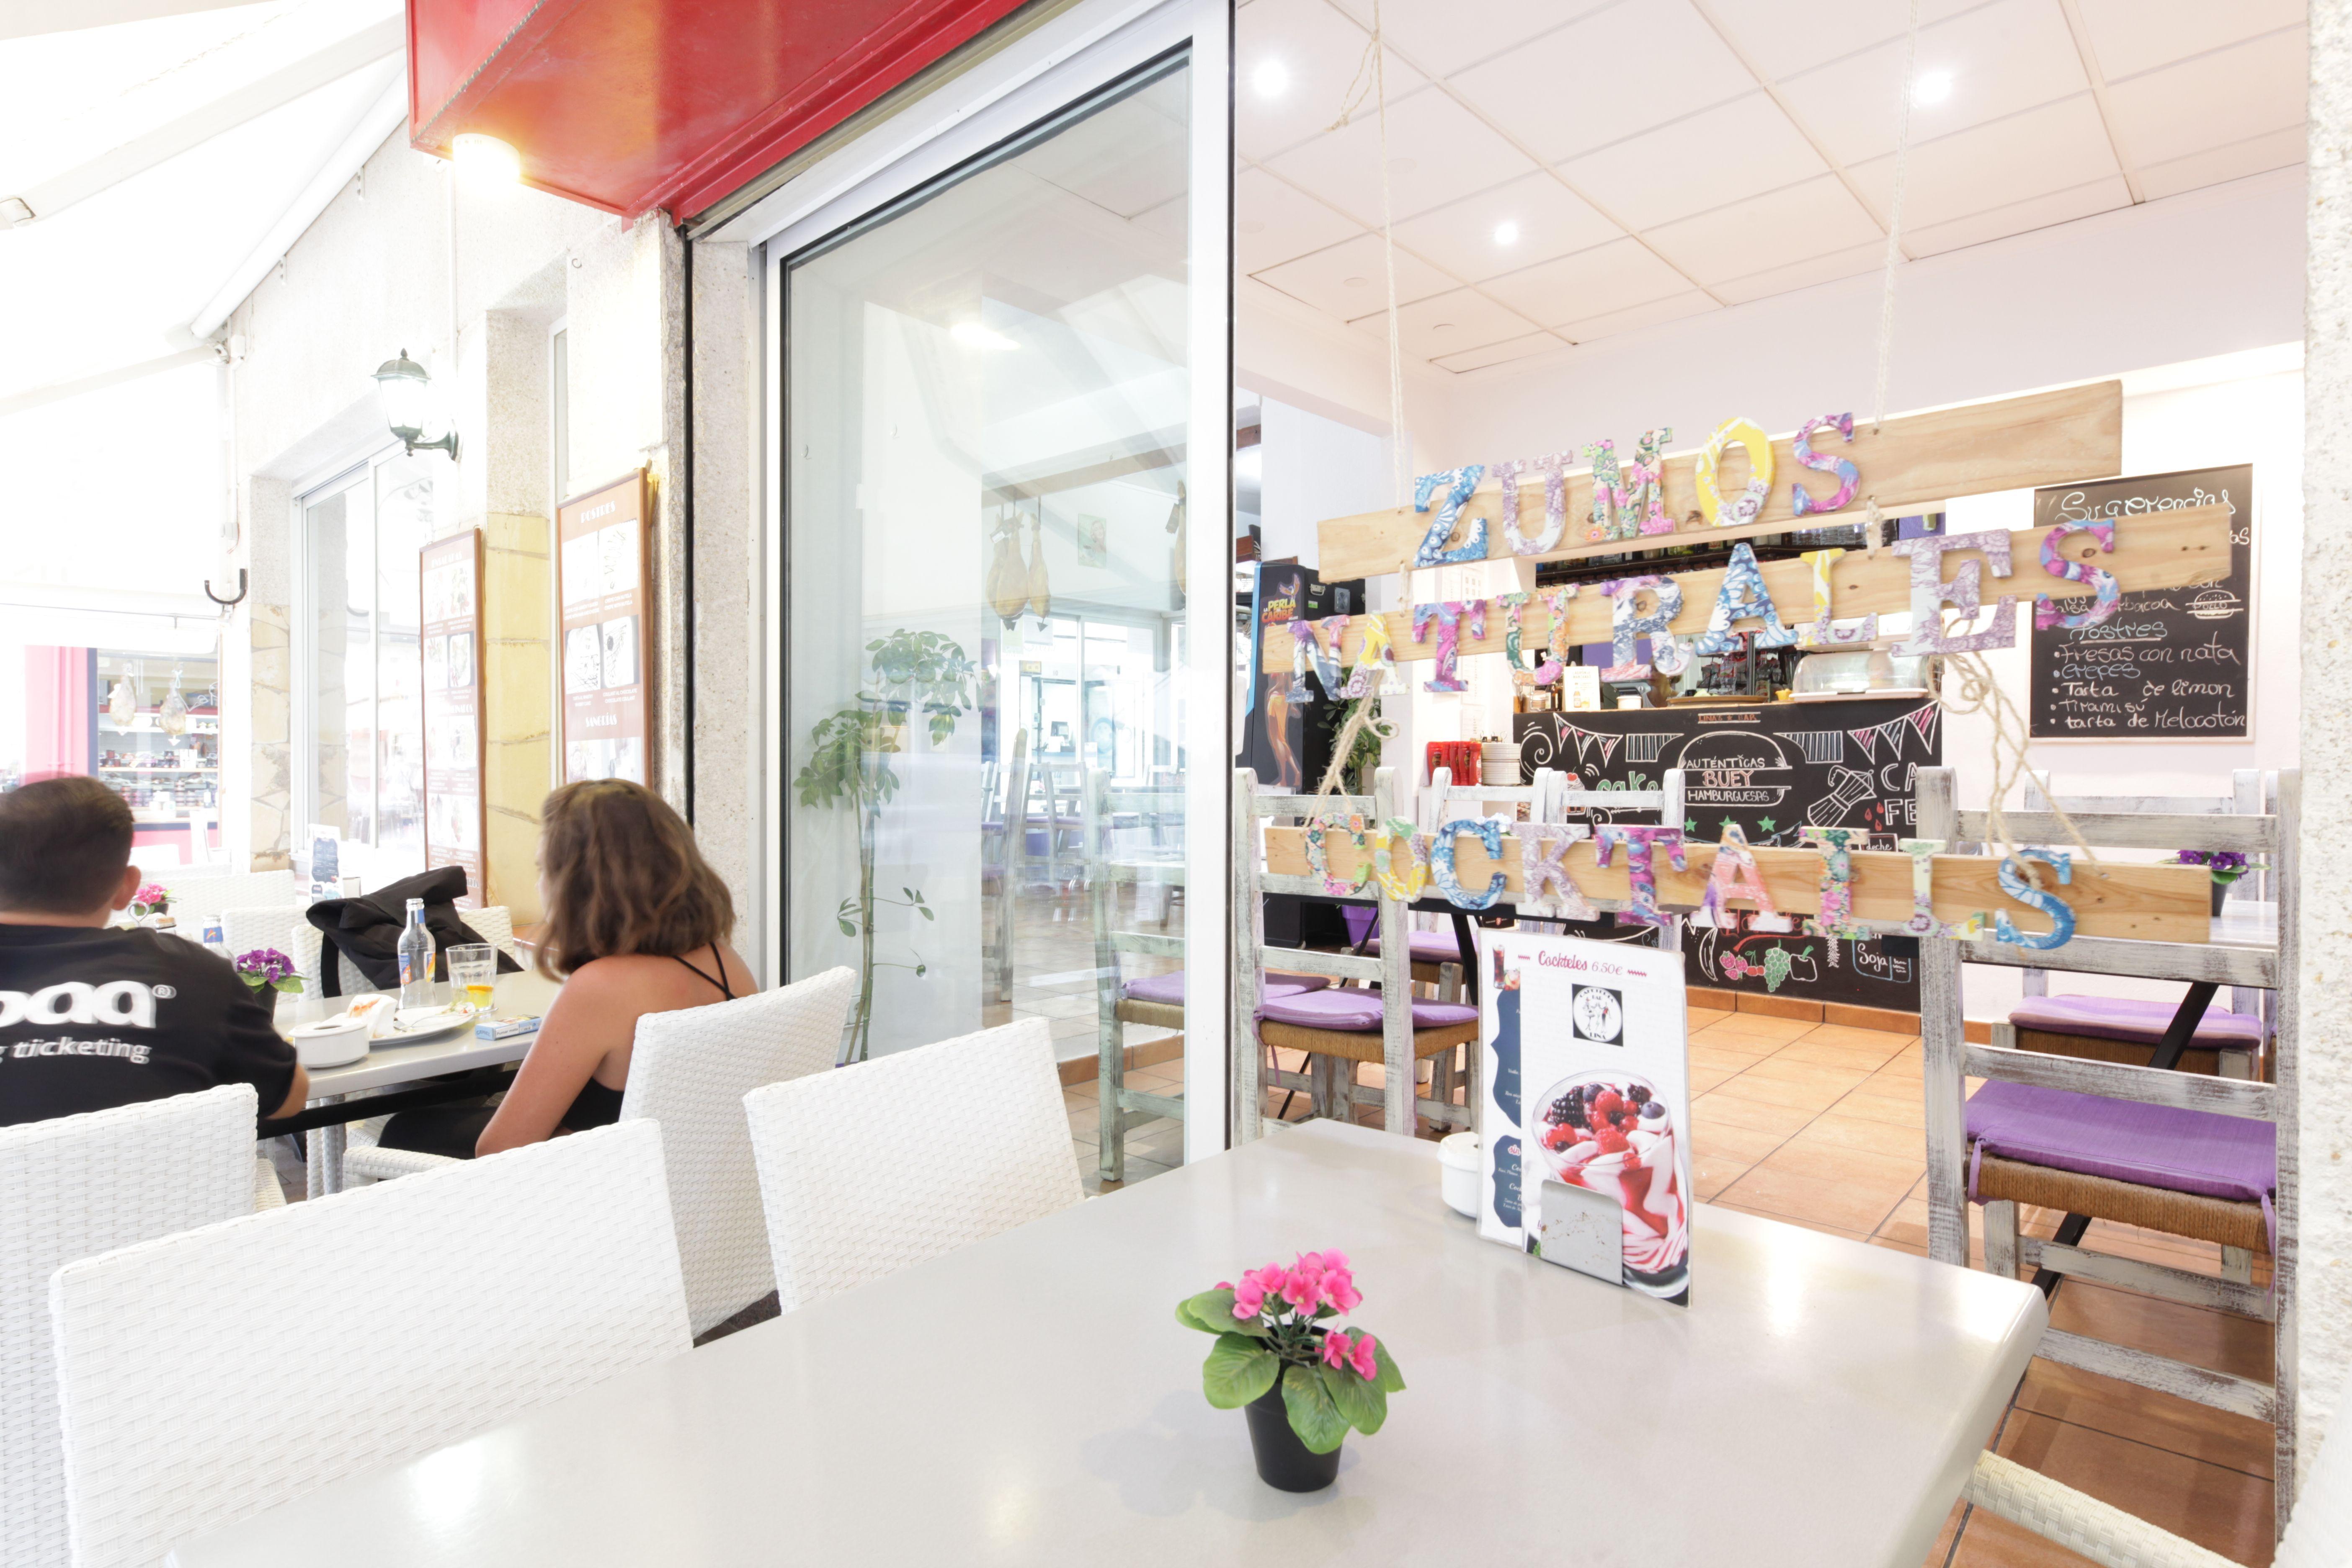 Comida y ambiente de calidad Hamburguesería Lina